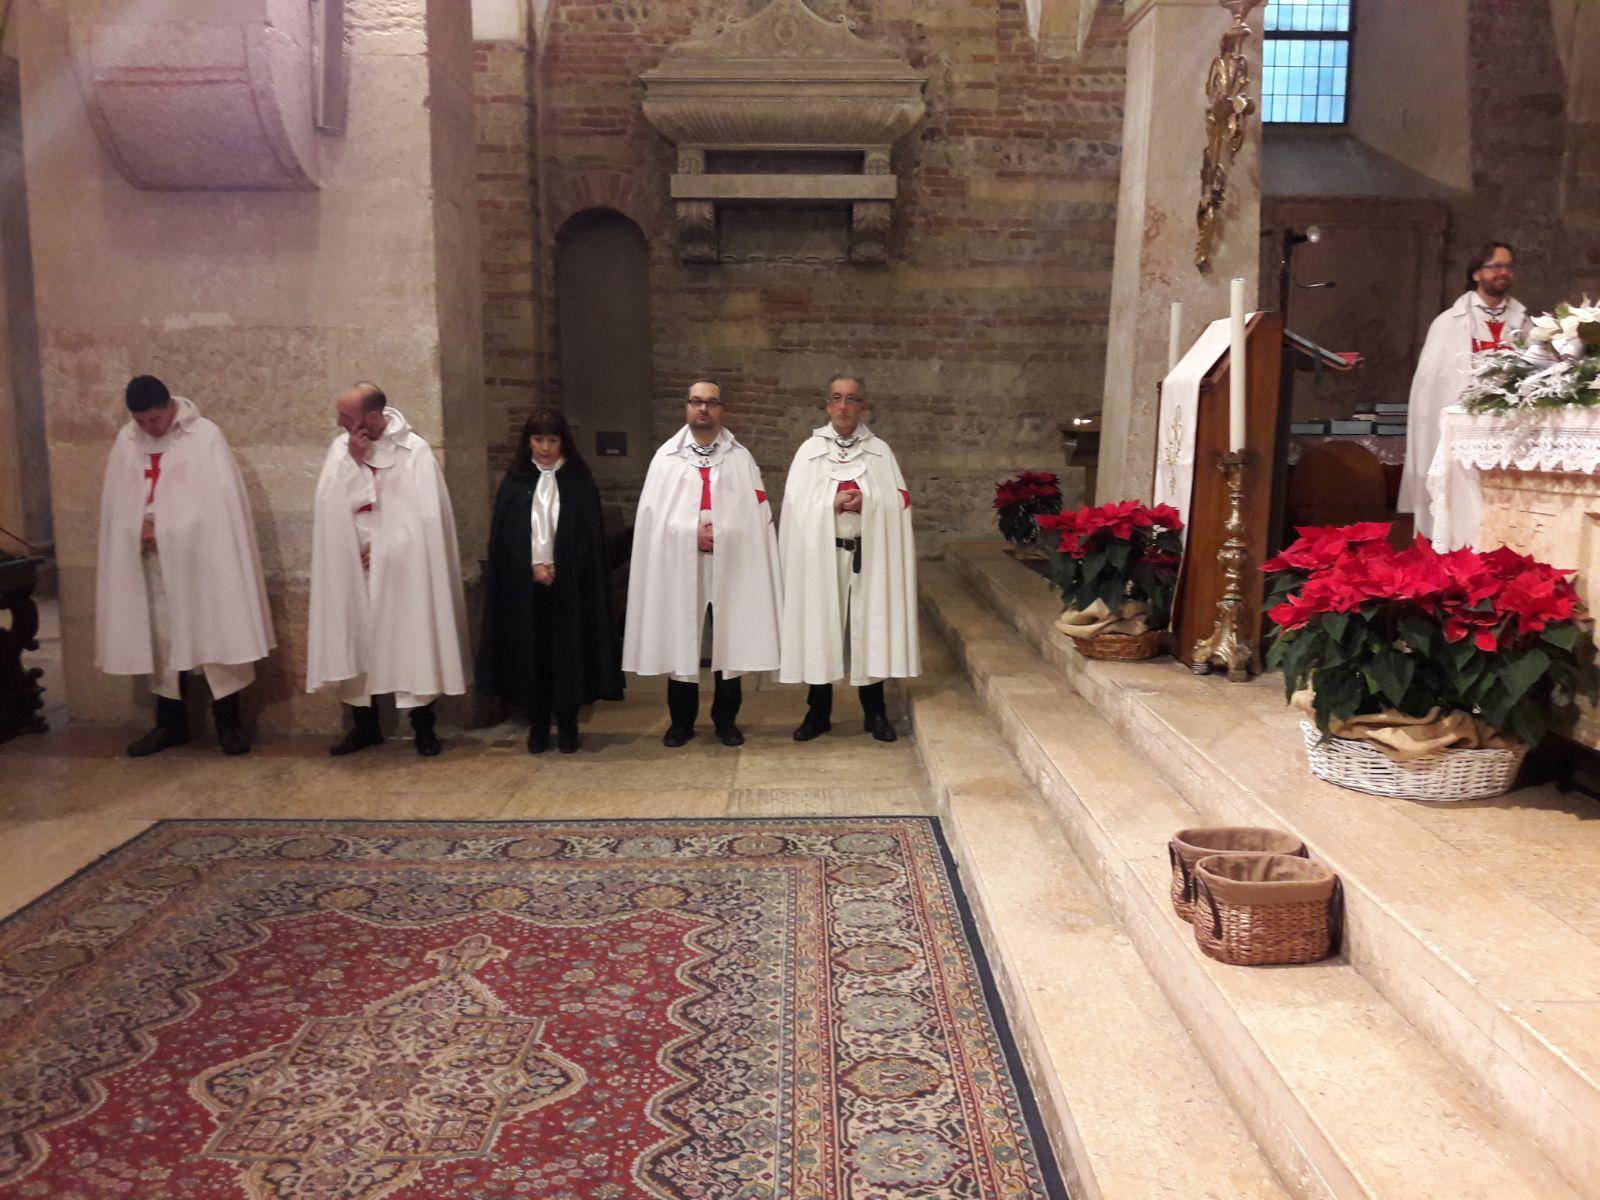 Templari Cattolici d'Italia Verona San Fermo convento Priorato San Zeno